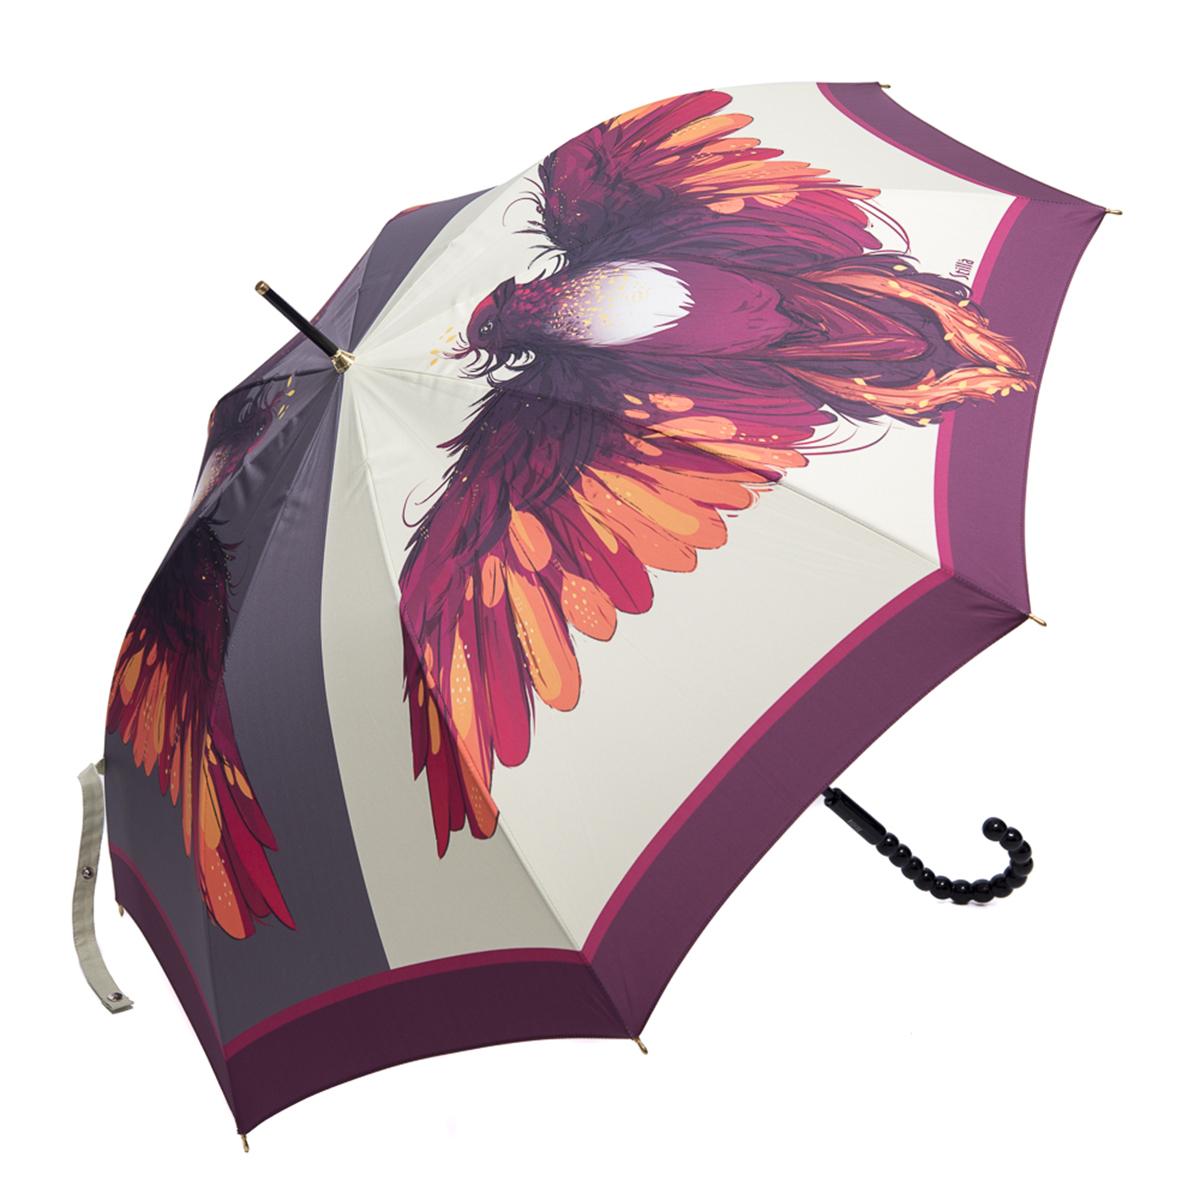 Зонт-трость женский Stilla, цвет: молочный, пурпурный, оранжевый. 760/1 autoКолье (короткие одноярусные бусы)Зонт-трость Stilla надежно защитит вас от дождя. Купол, оформленный оригинальным принтом, выполнен из высококачественного ПВХ, который не пропускает воду.Каркас зонта и спицы выполнены из высококарбонистой стали. Зонт имеет автоматический тип сложения: открывается и закрывается при нажатии на кнопку. Удобная ручка выполнена из пластика.